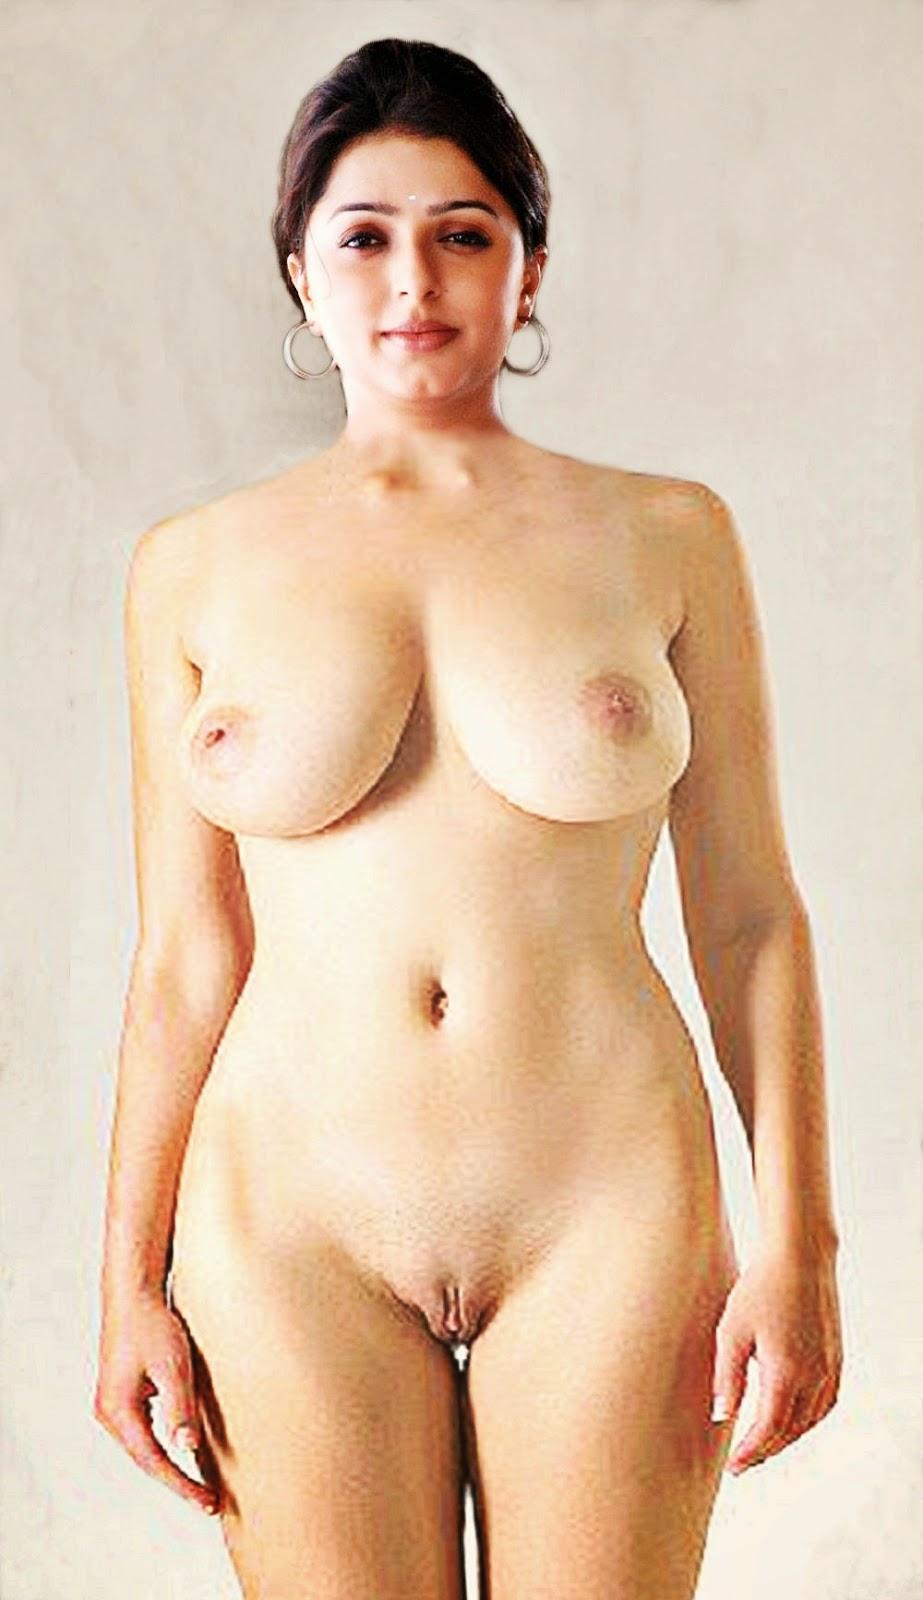 Bhumika chawla hd images nude fake